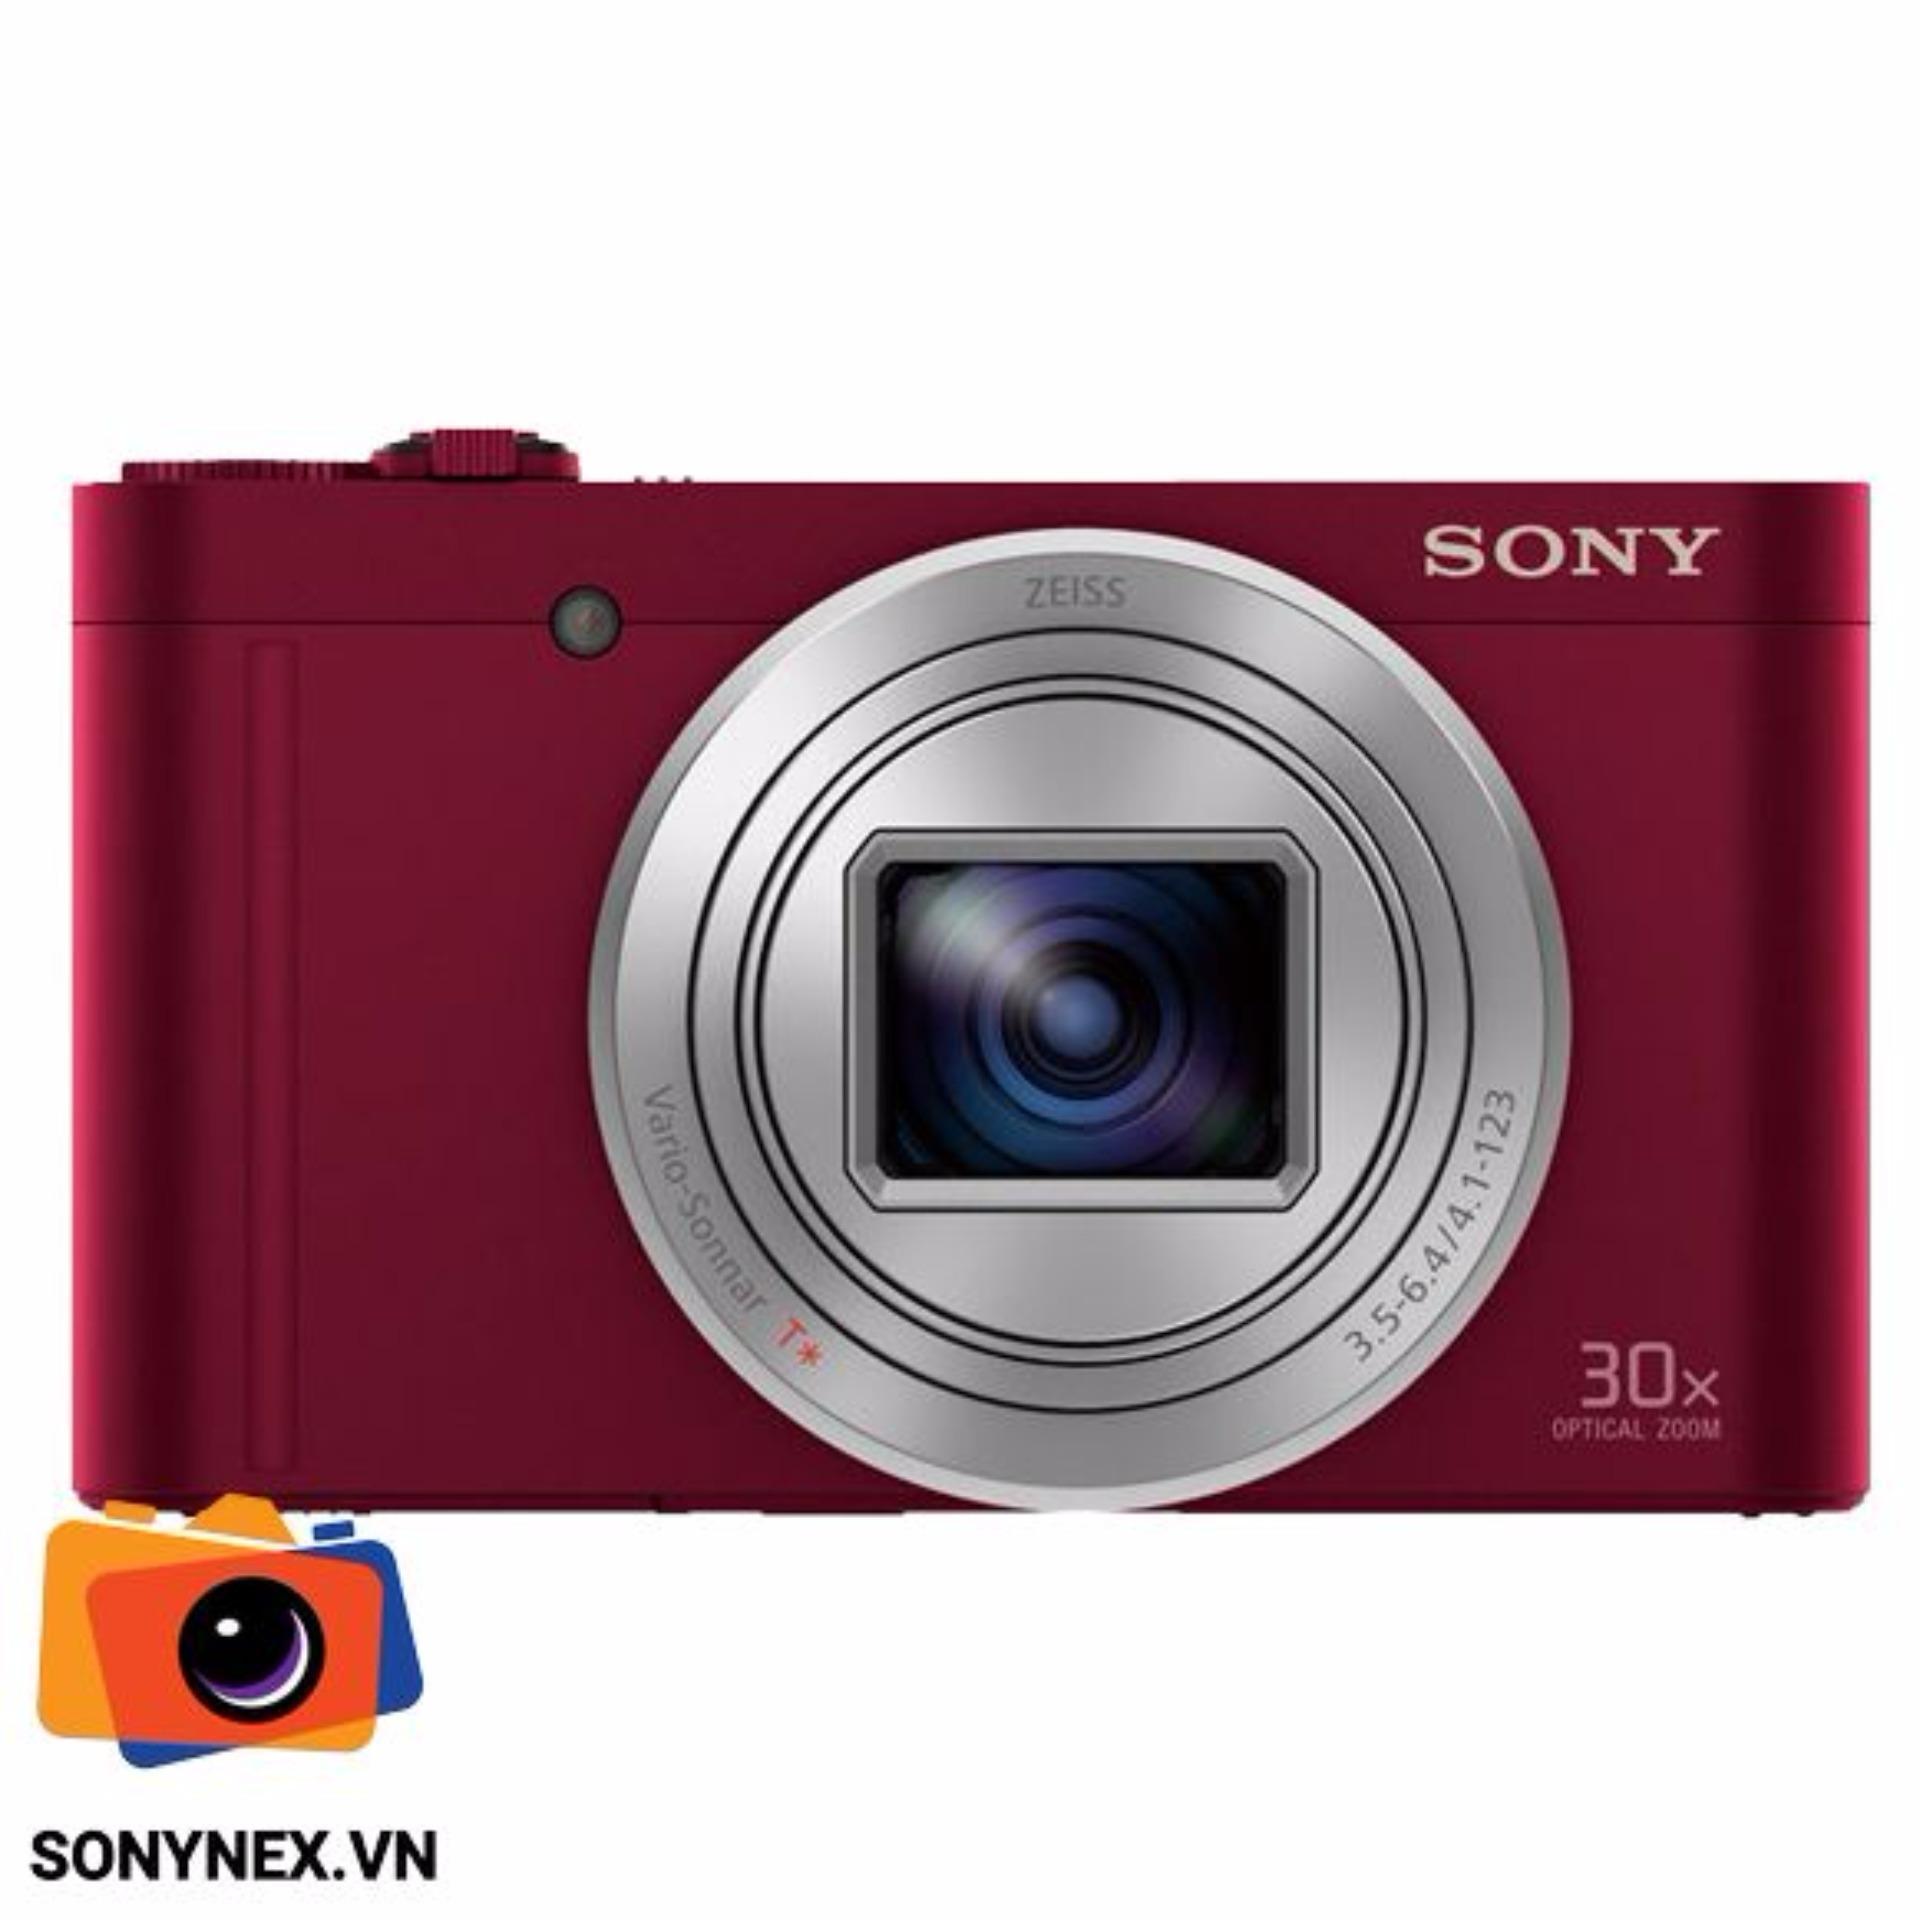 Mua Máy ảnh KTS Sony Wx500 18.2MP (Đỏ) ở đâu tốt?